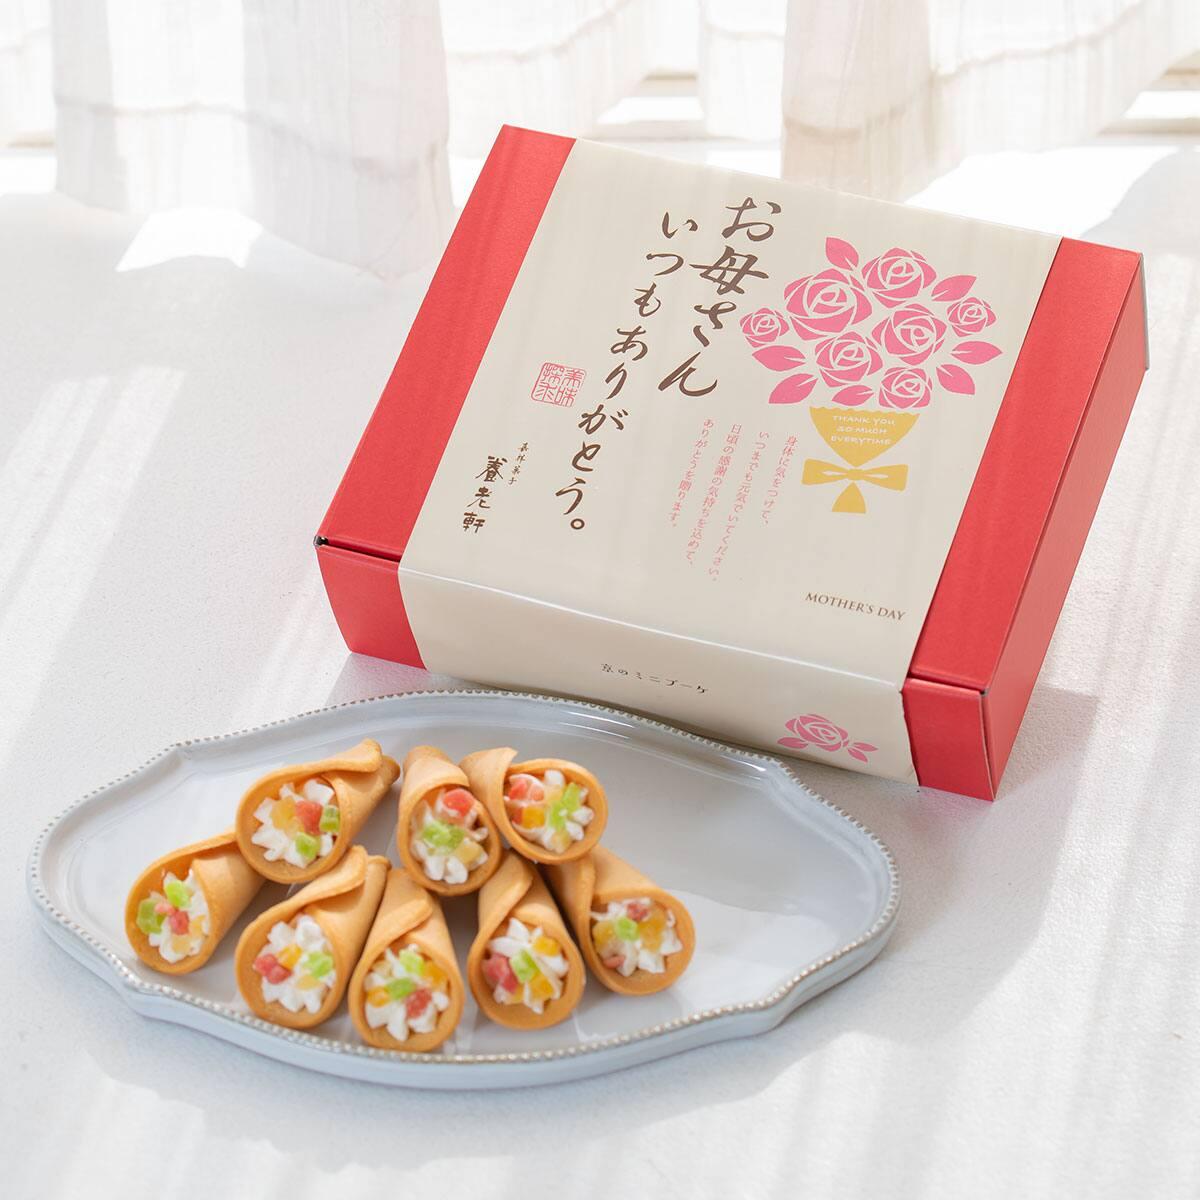 【母の日】そのまま飾れるスタンディングブーケ&京のミニブーケのセット